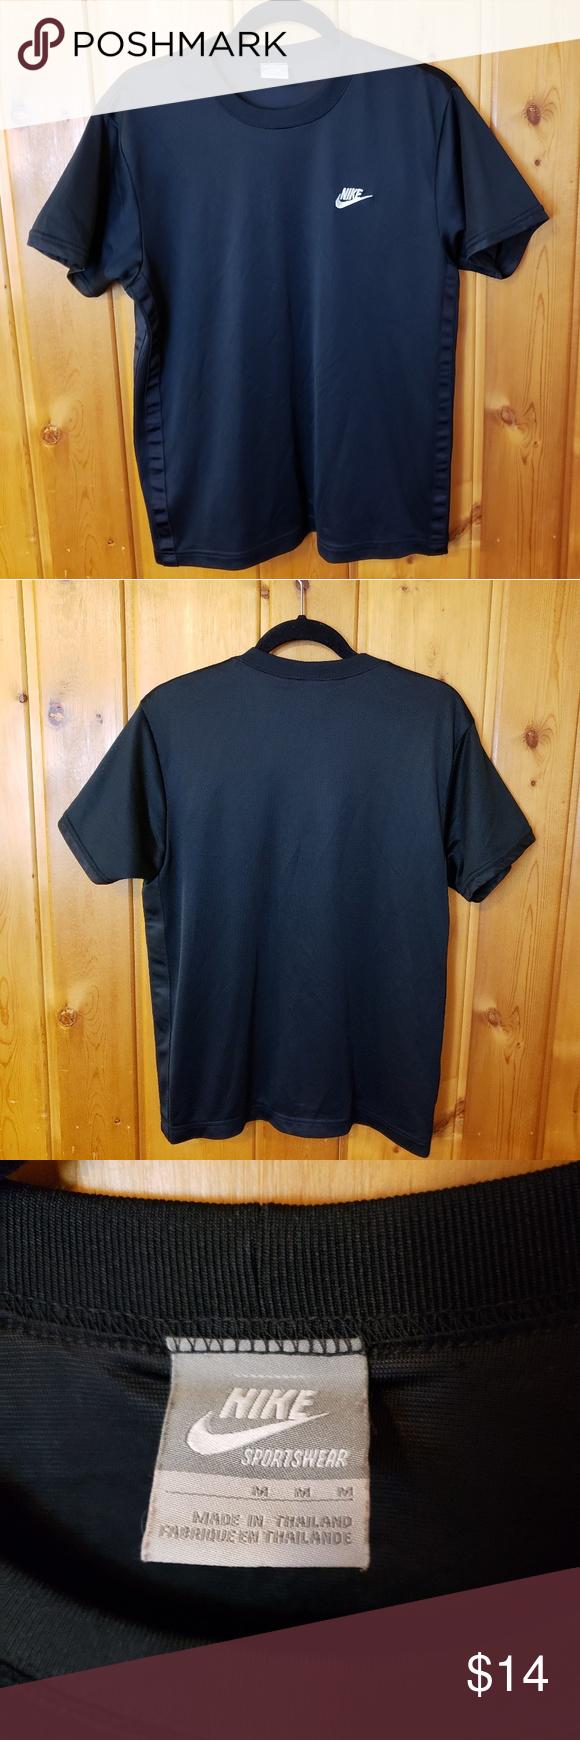 Nike Sportswear Lined Jersey Shirt